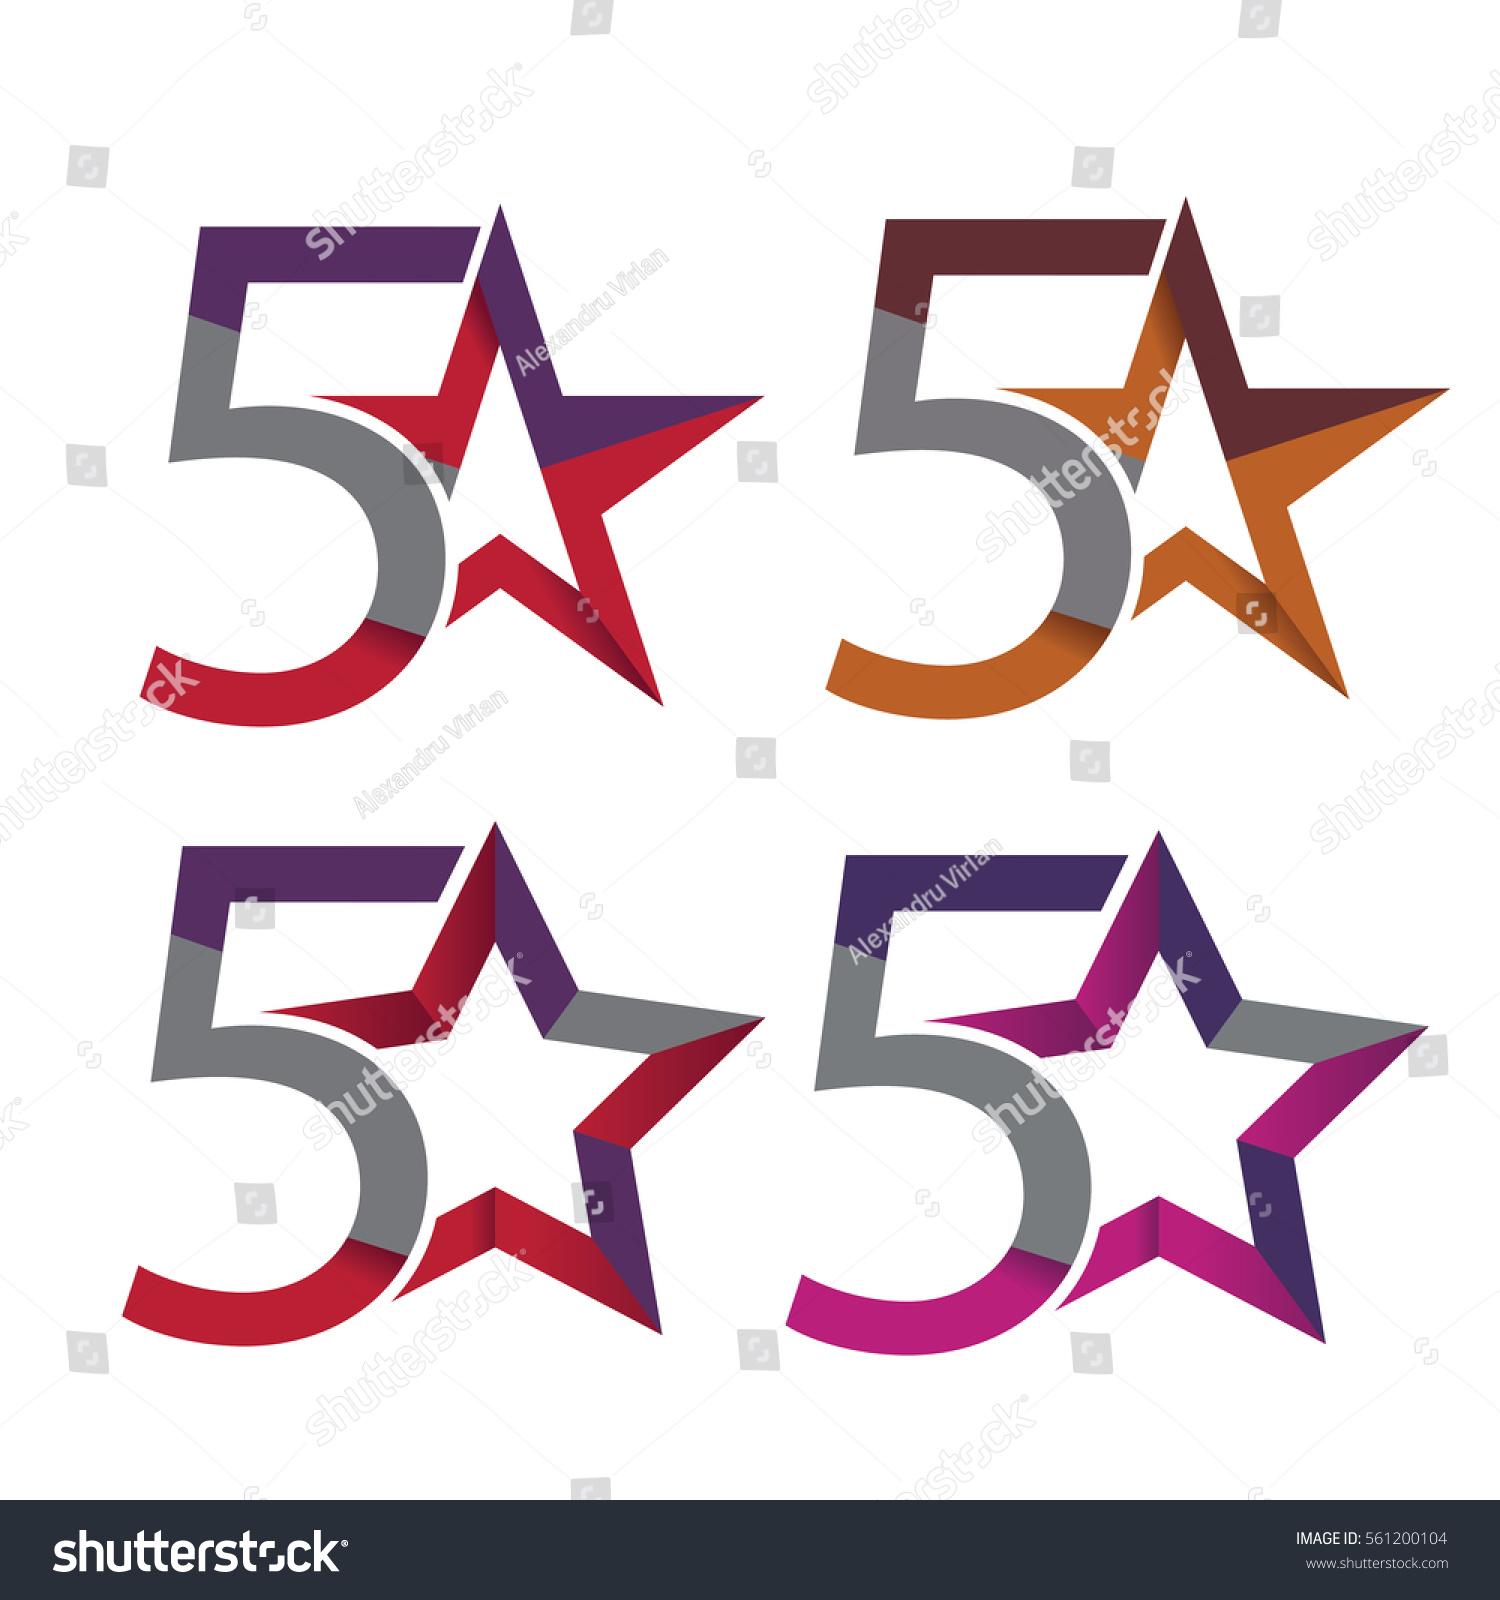 5 Star Symbols Stock Vector Royalty Free 561200104 Shutterstock